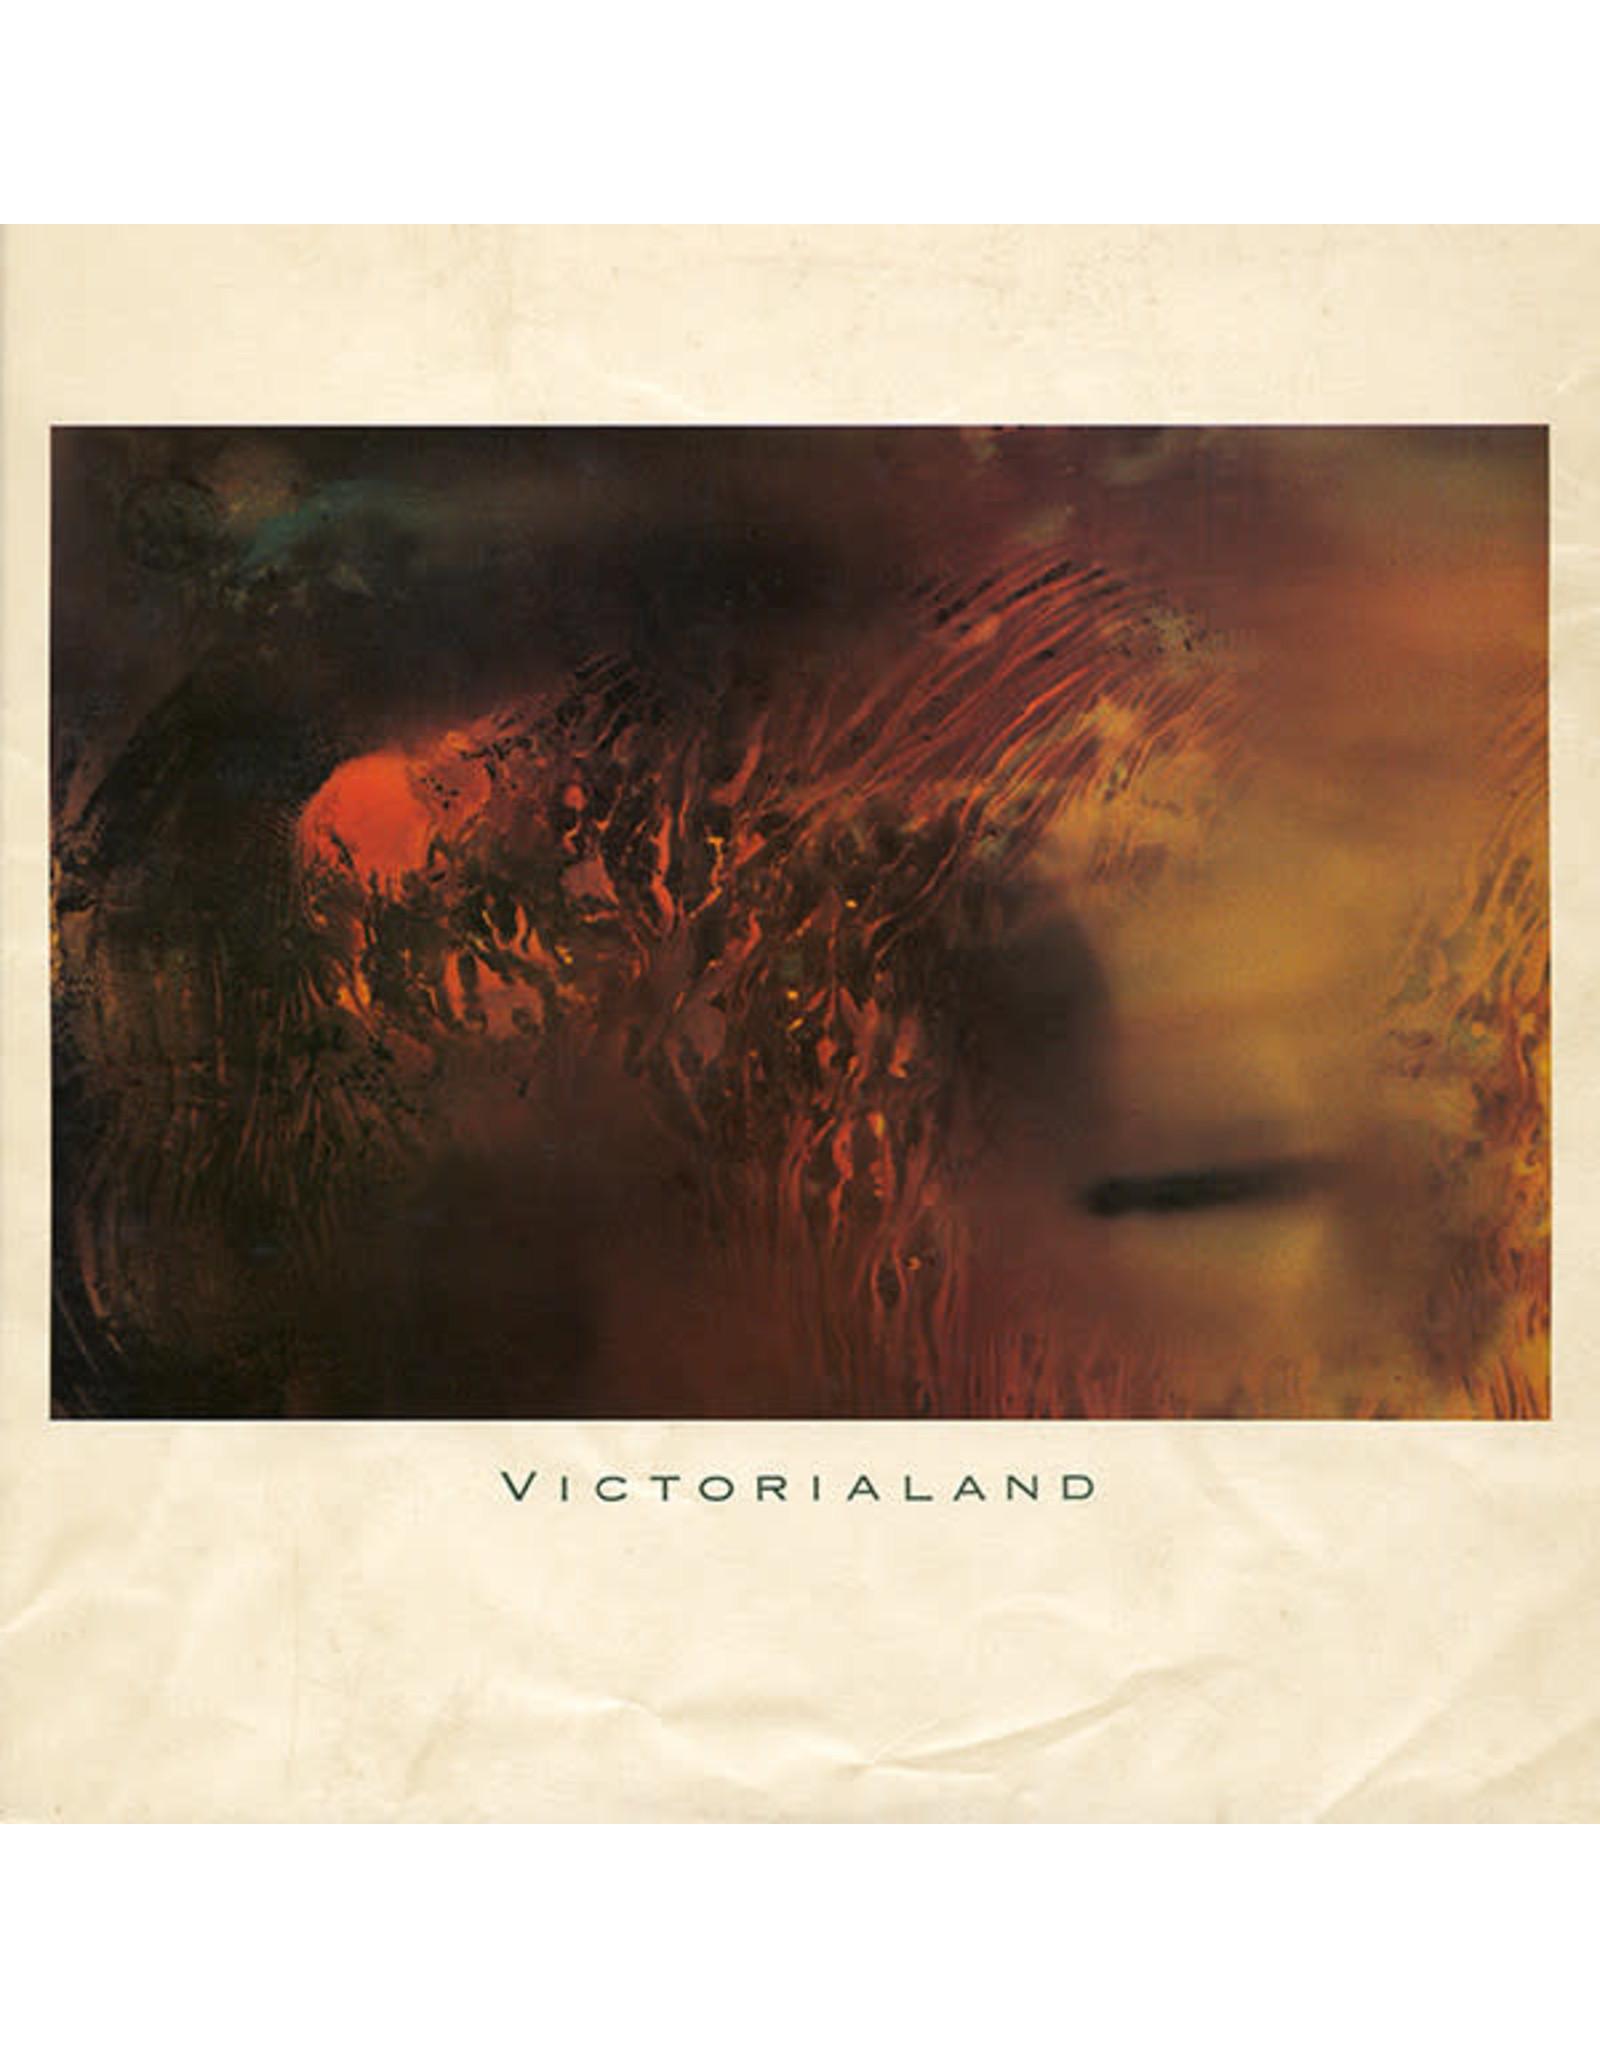 Cocteau Twins - Victorialand LP